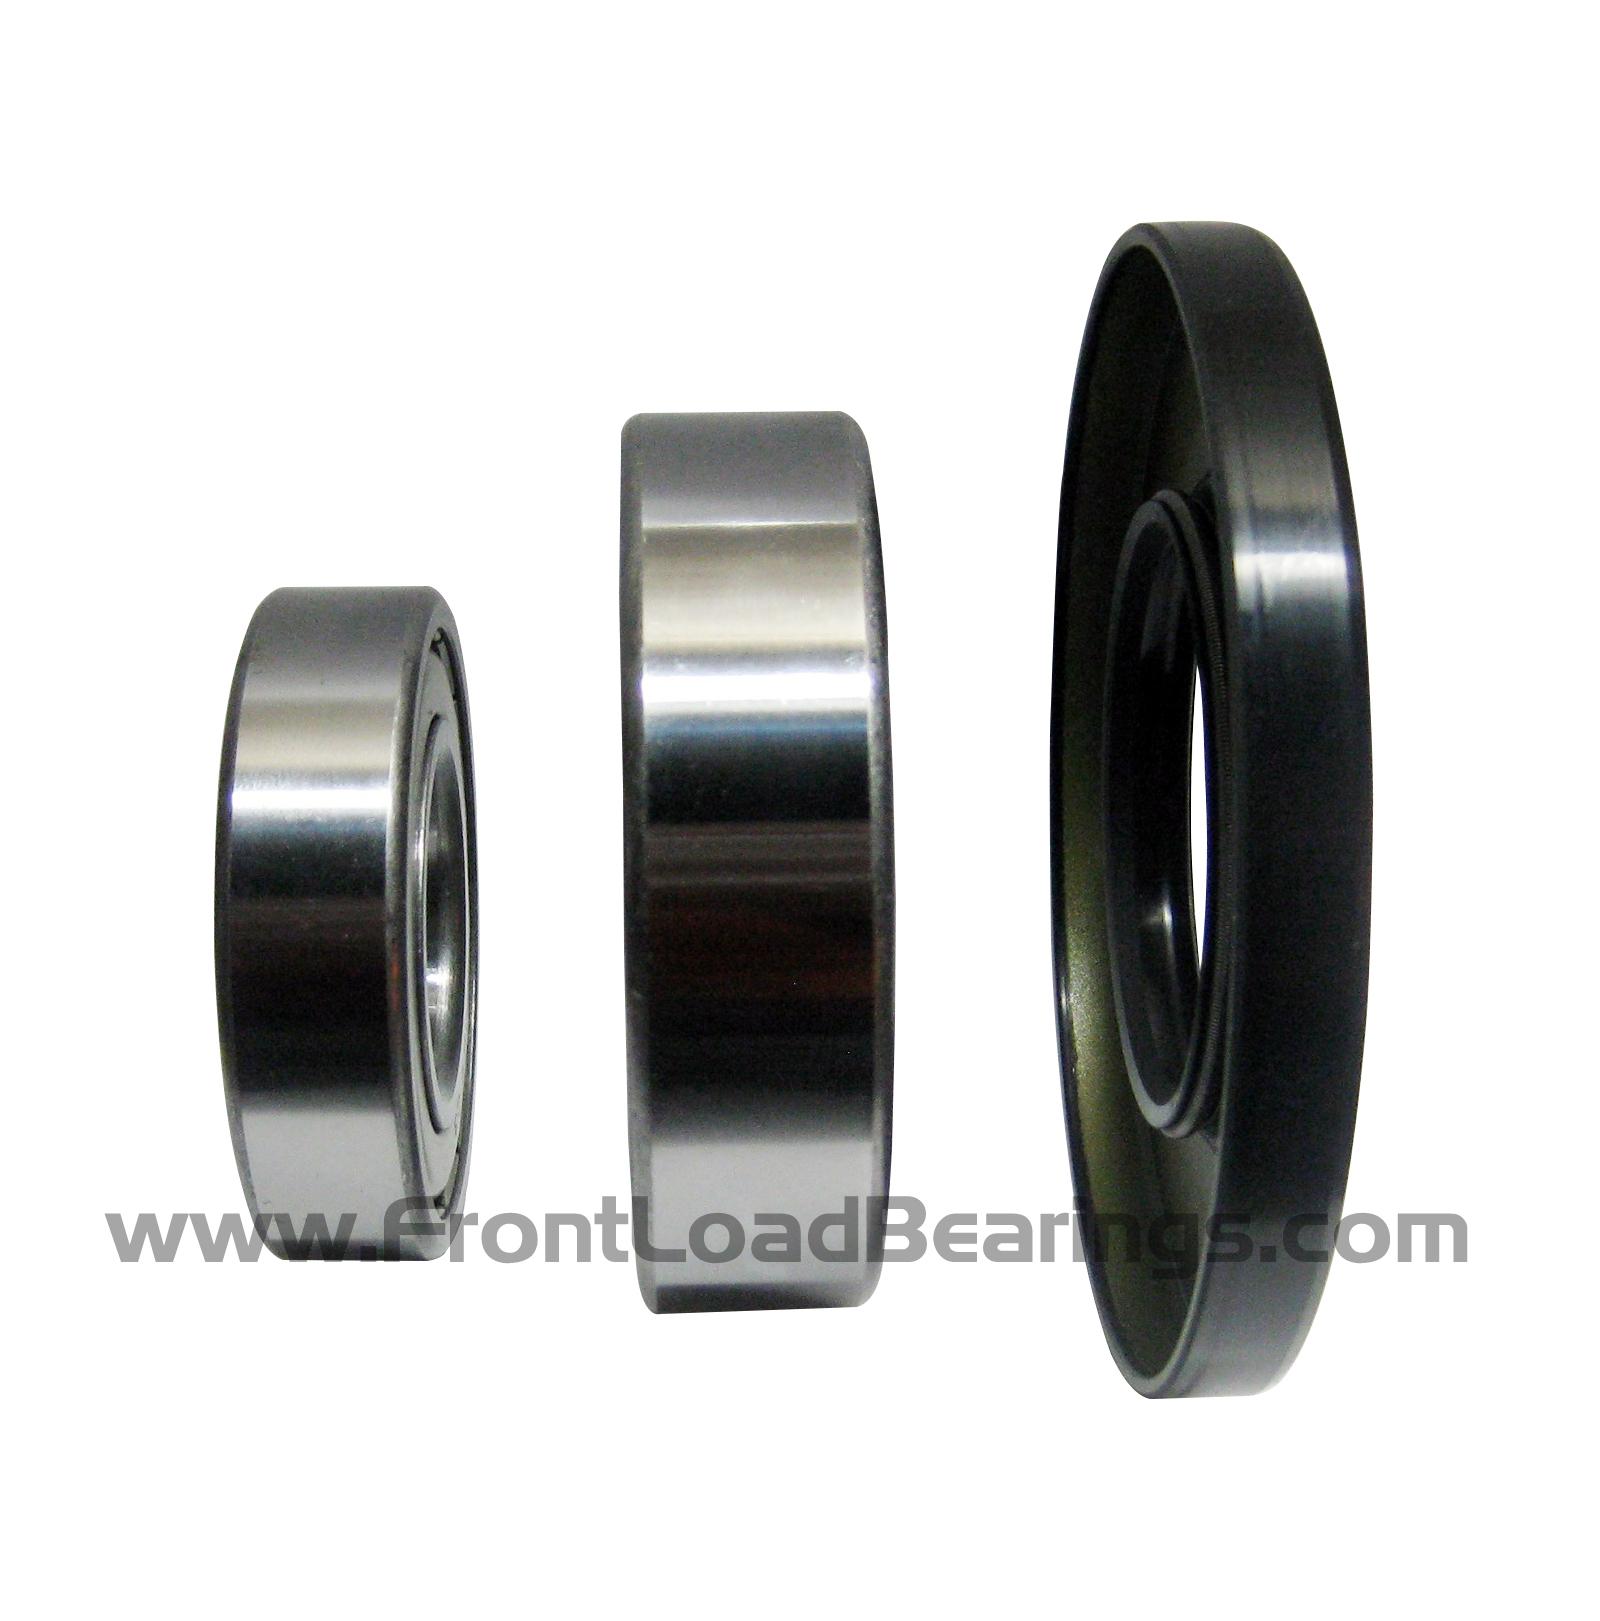 washing machine tub bearing replacement